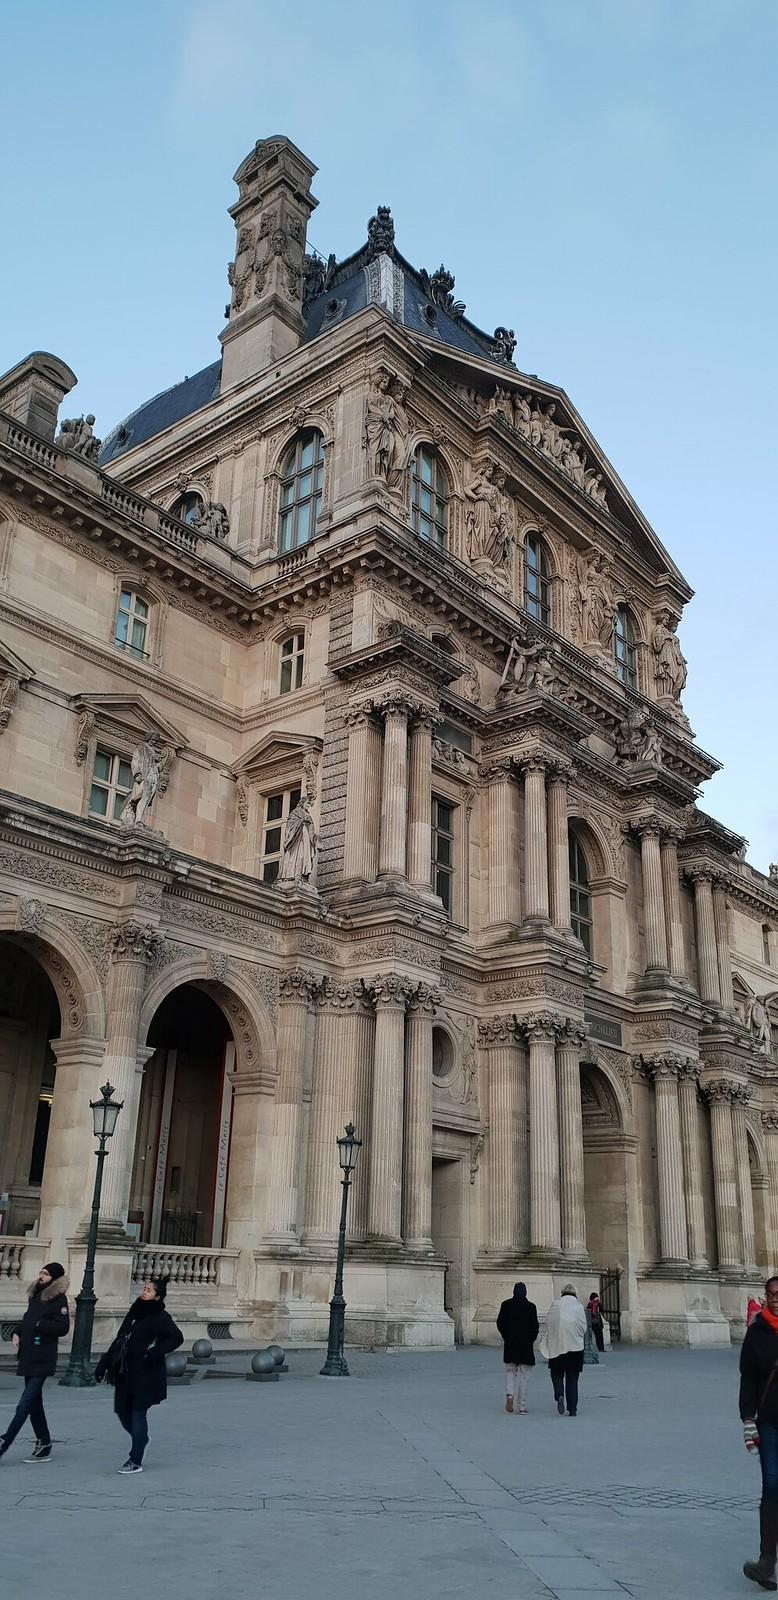 Salah satu bangunan di Musee de Louvre (Liputan6.com/ Agustin Setyo W)